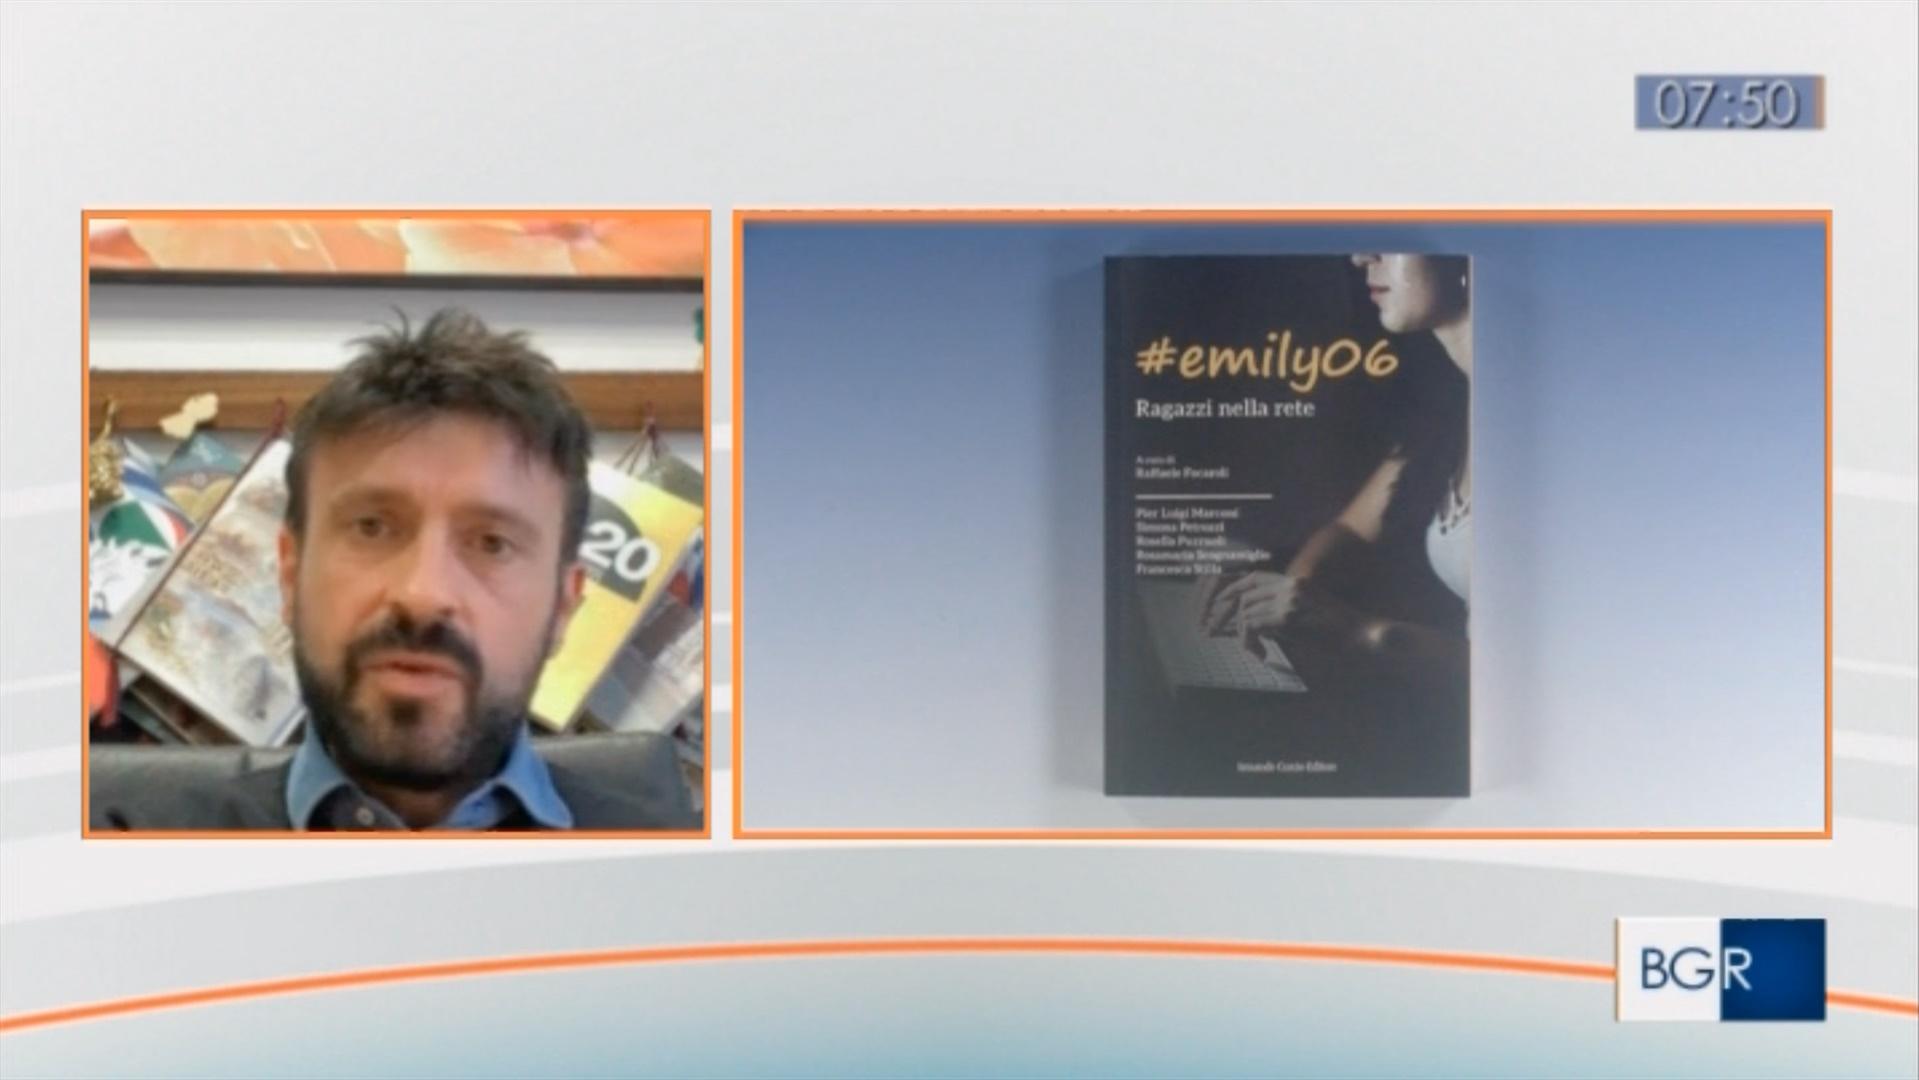 Raffale Focaroli presenta Emily06, ragazzi nella rete a Buongiorno Regione del TGR Lazio